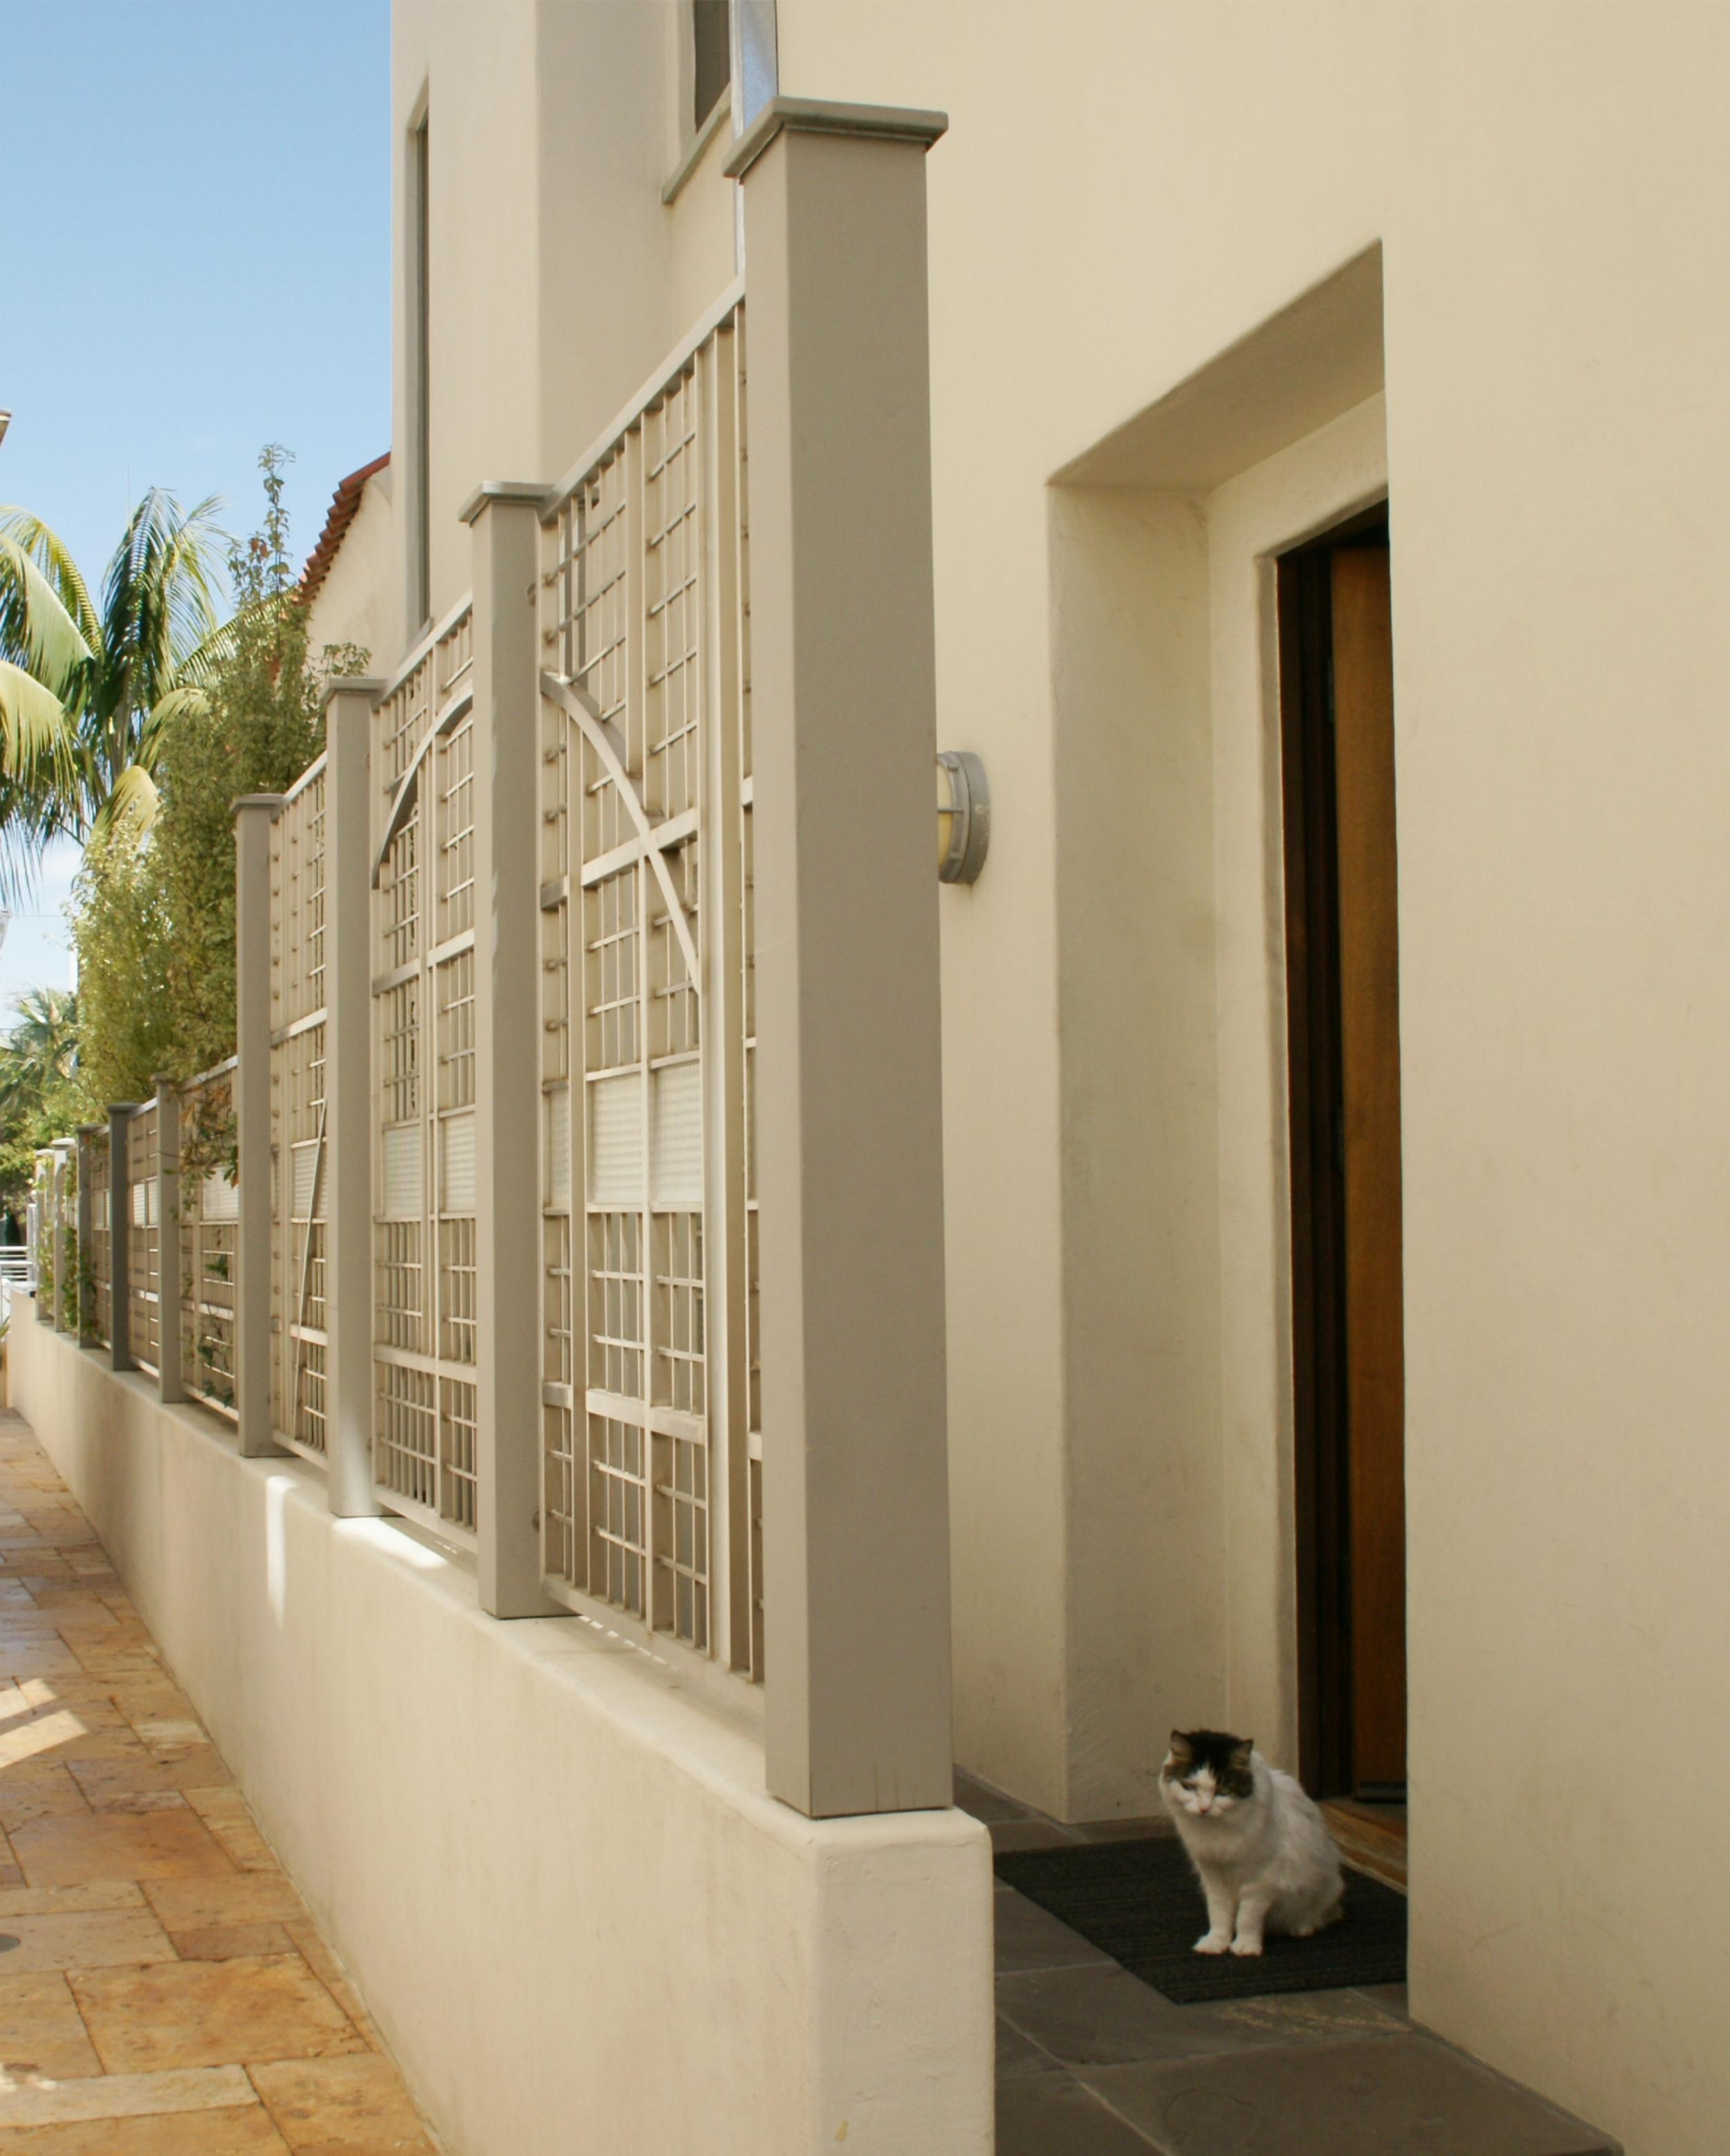 Sideyard Fence - 3.jpg